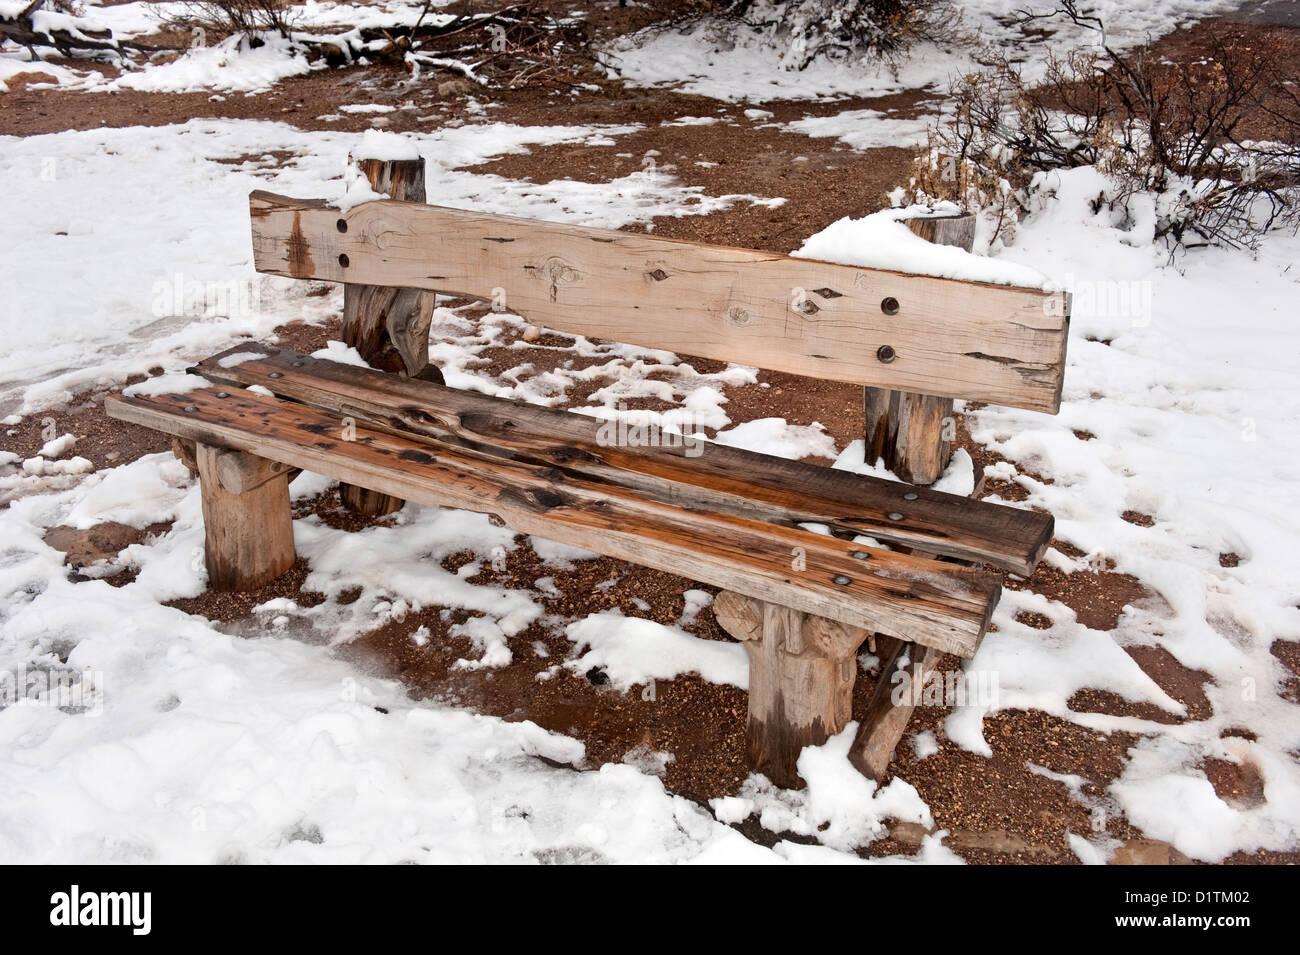 Una húmeda y fría en un banco de un parque de madera durante un día nevado Winder. Foto de stock